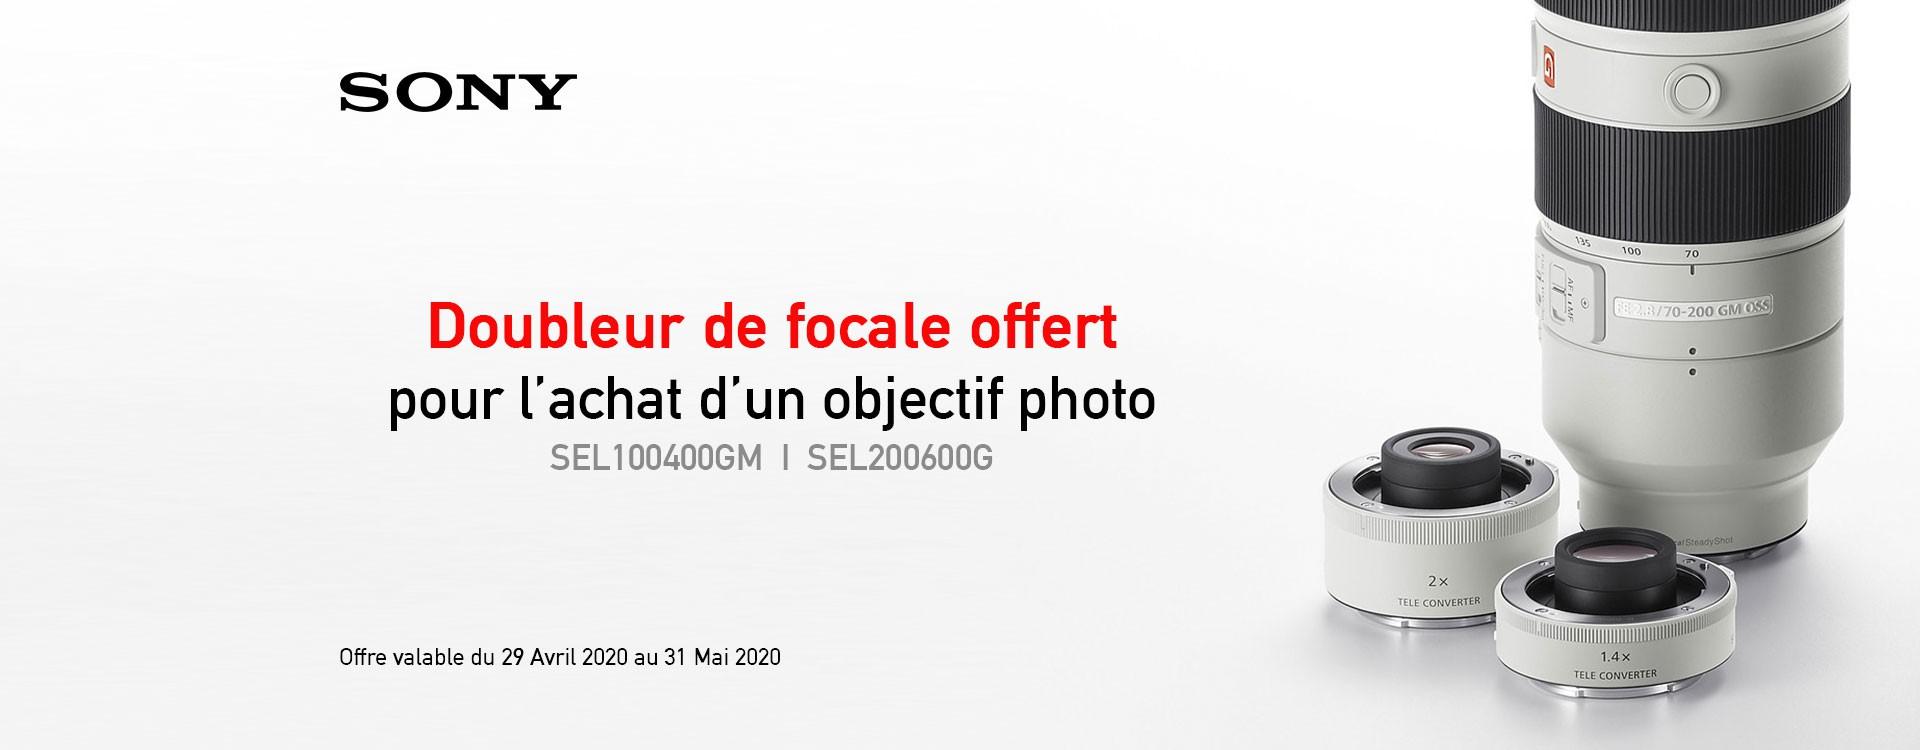 Offre - Doubleur de focale offert pour les objectifs photo télé*